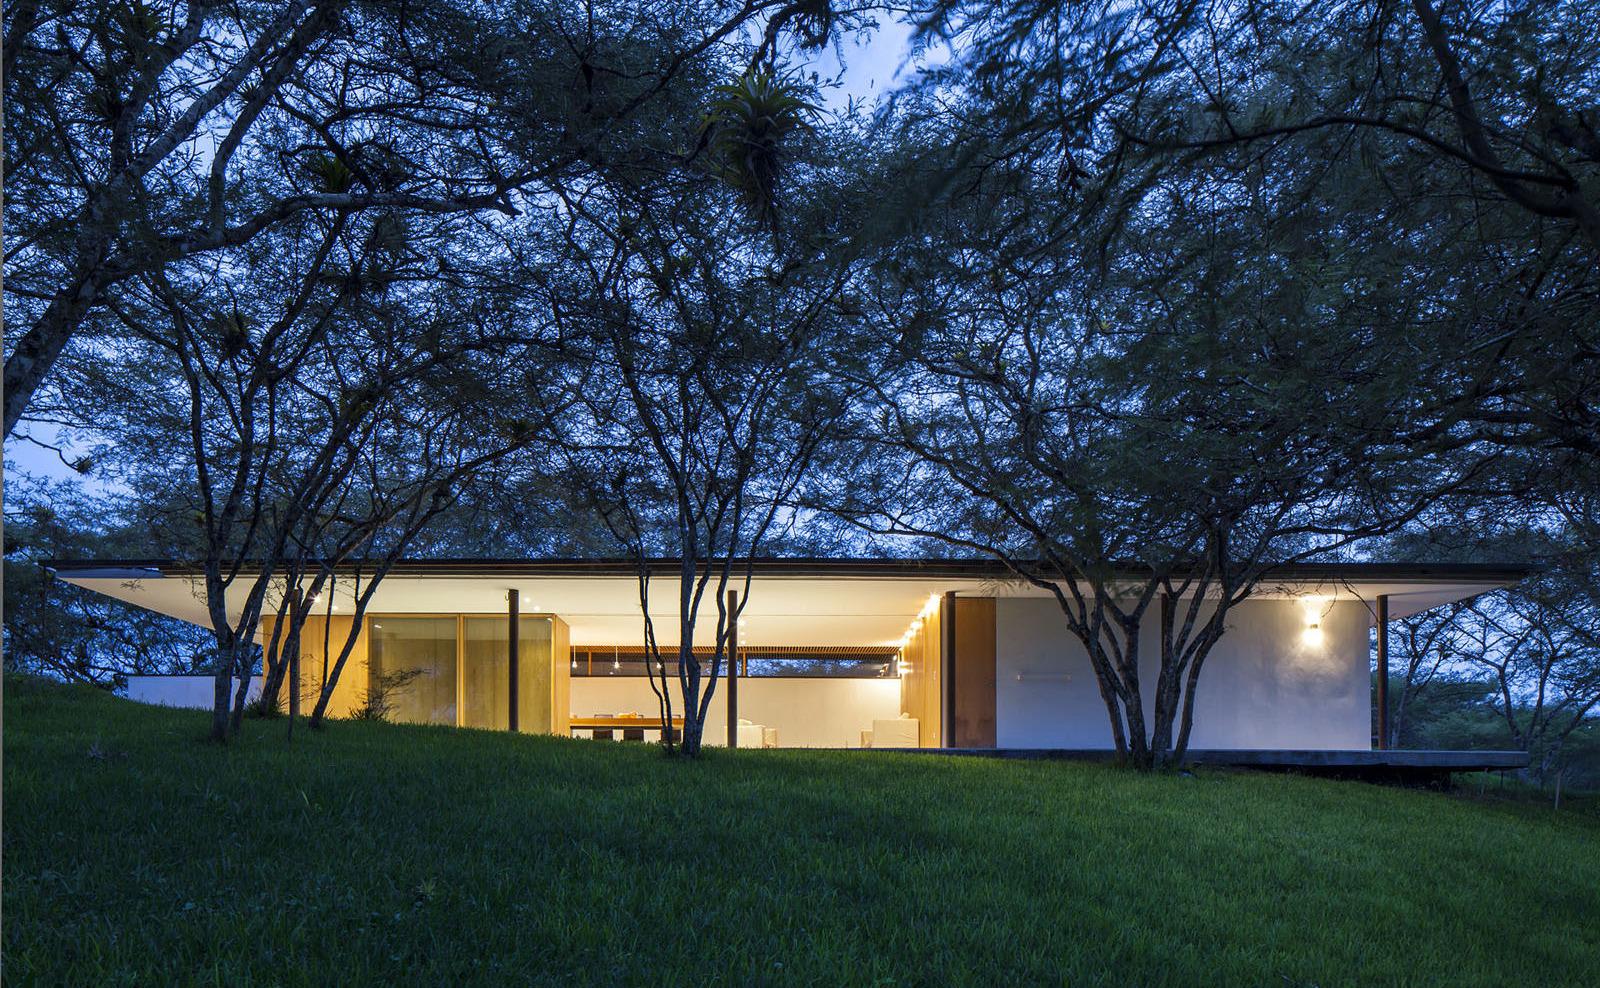 los-faiques-dwellings-duran-hermida-arquitectos-asociados-5